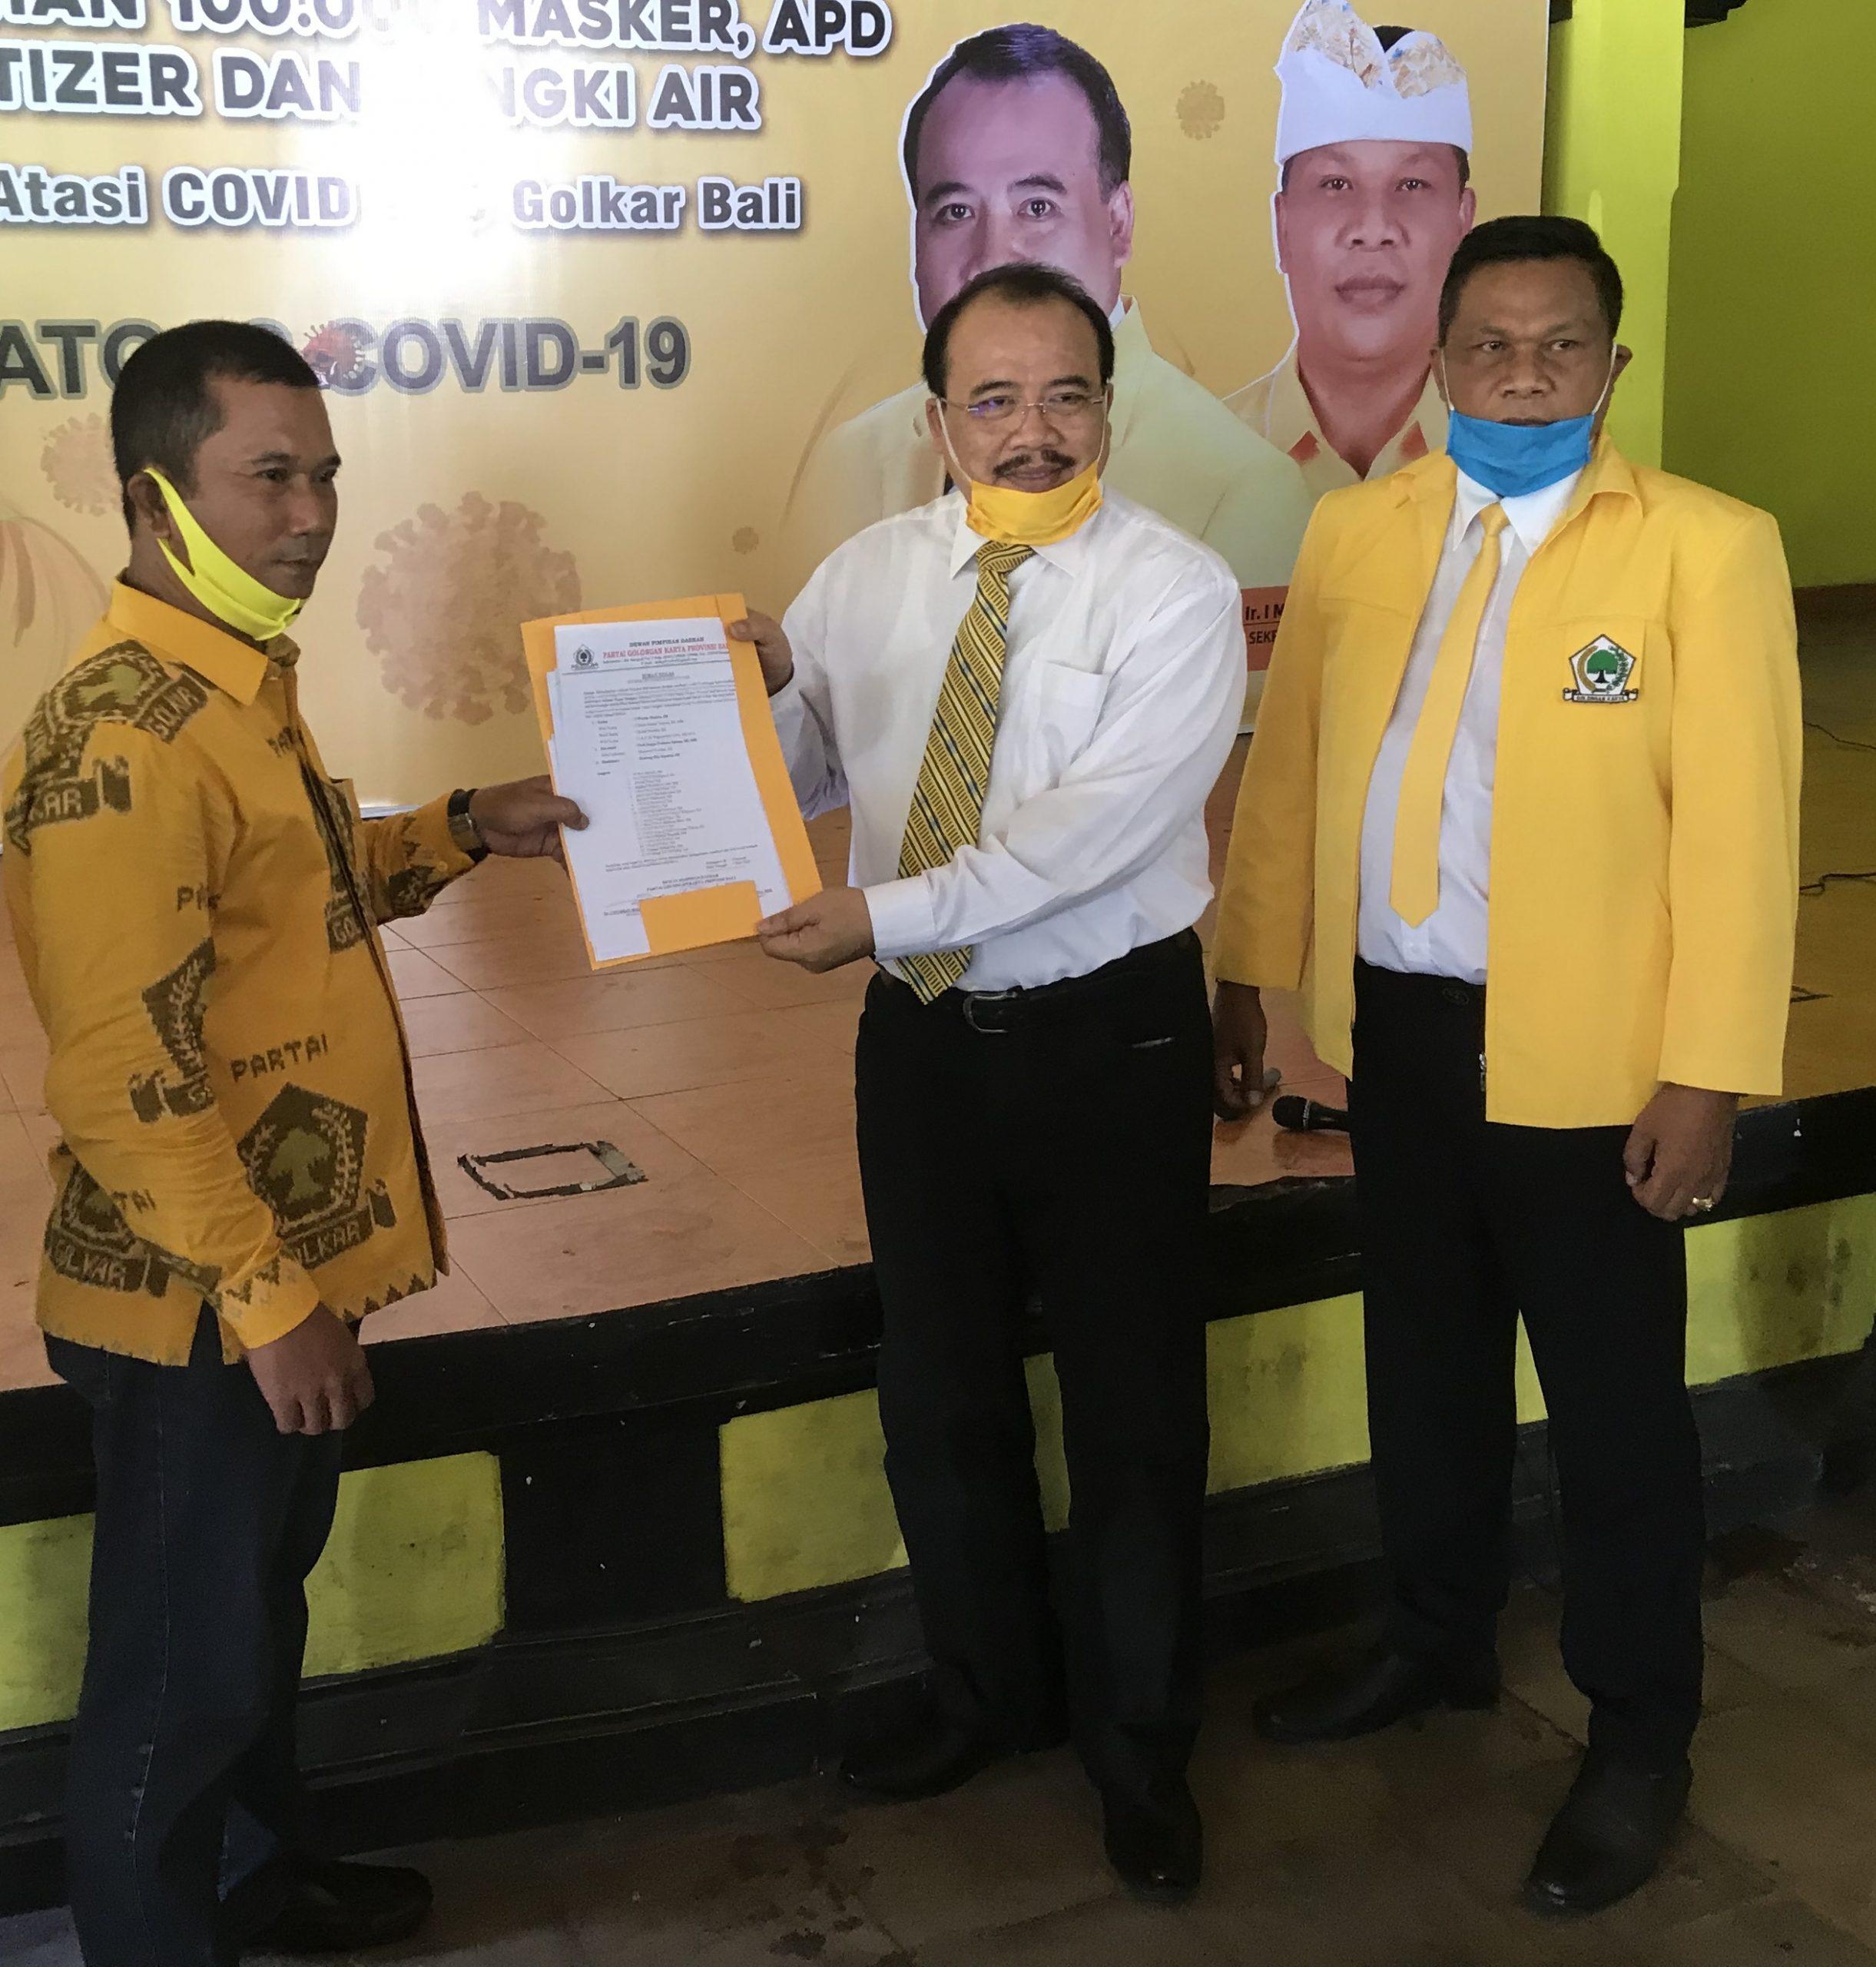 NYOMAN Muntra sebagai Ketua Badan Advokasi Hukum menerima surat penugasan dari Ketua DPD Partai Golkar Bali, Nyoman Sugawa Korry, saat peresmian lembaga baru itu, Jumat (8/5/2020). Foto: gus hendra